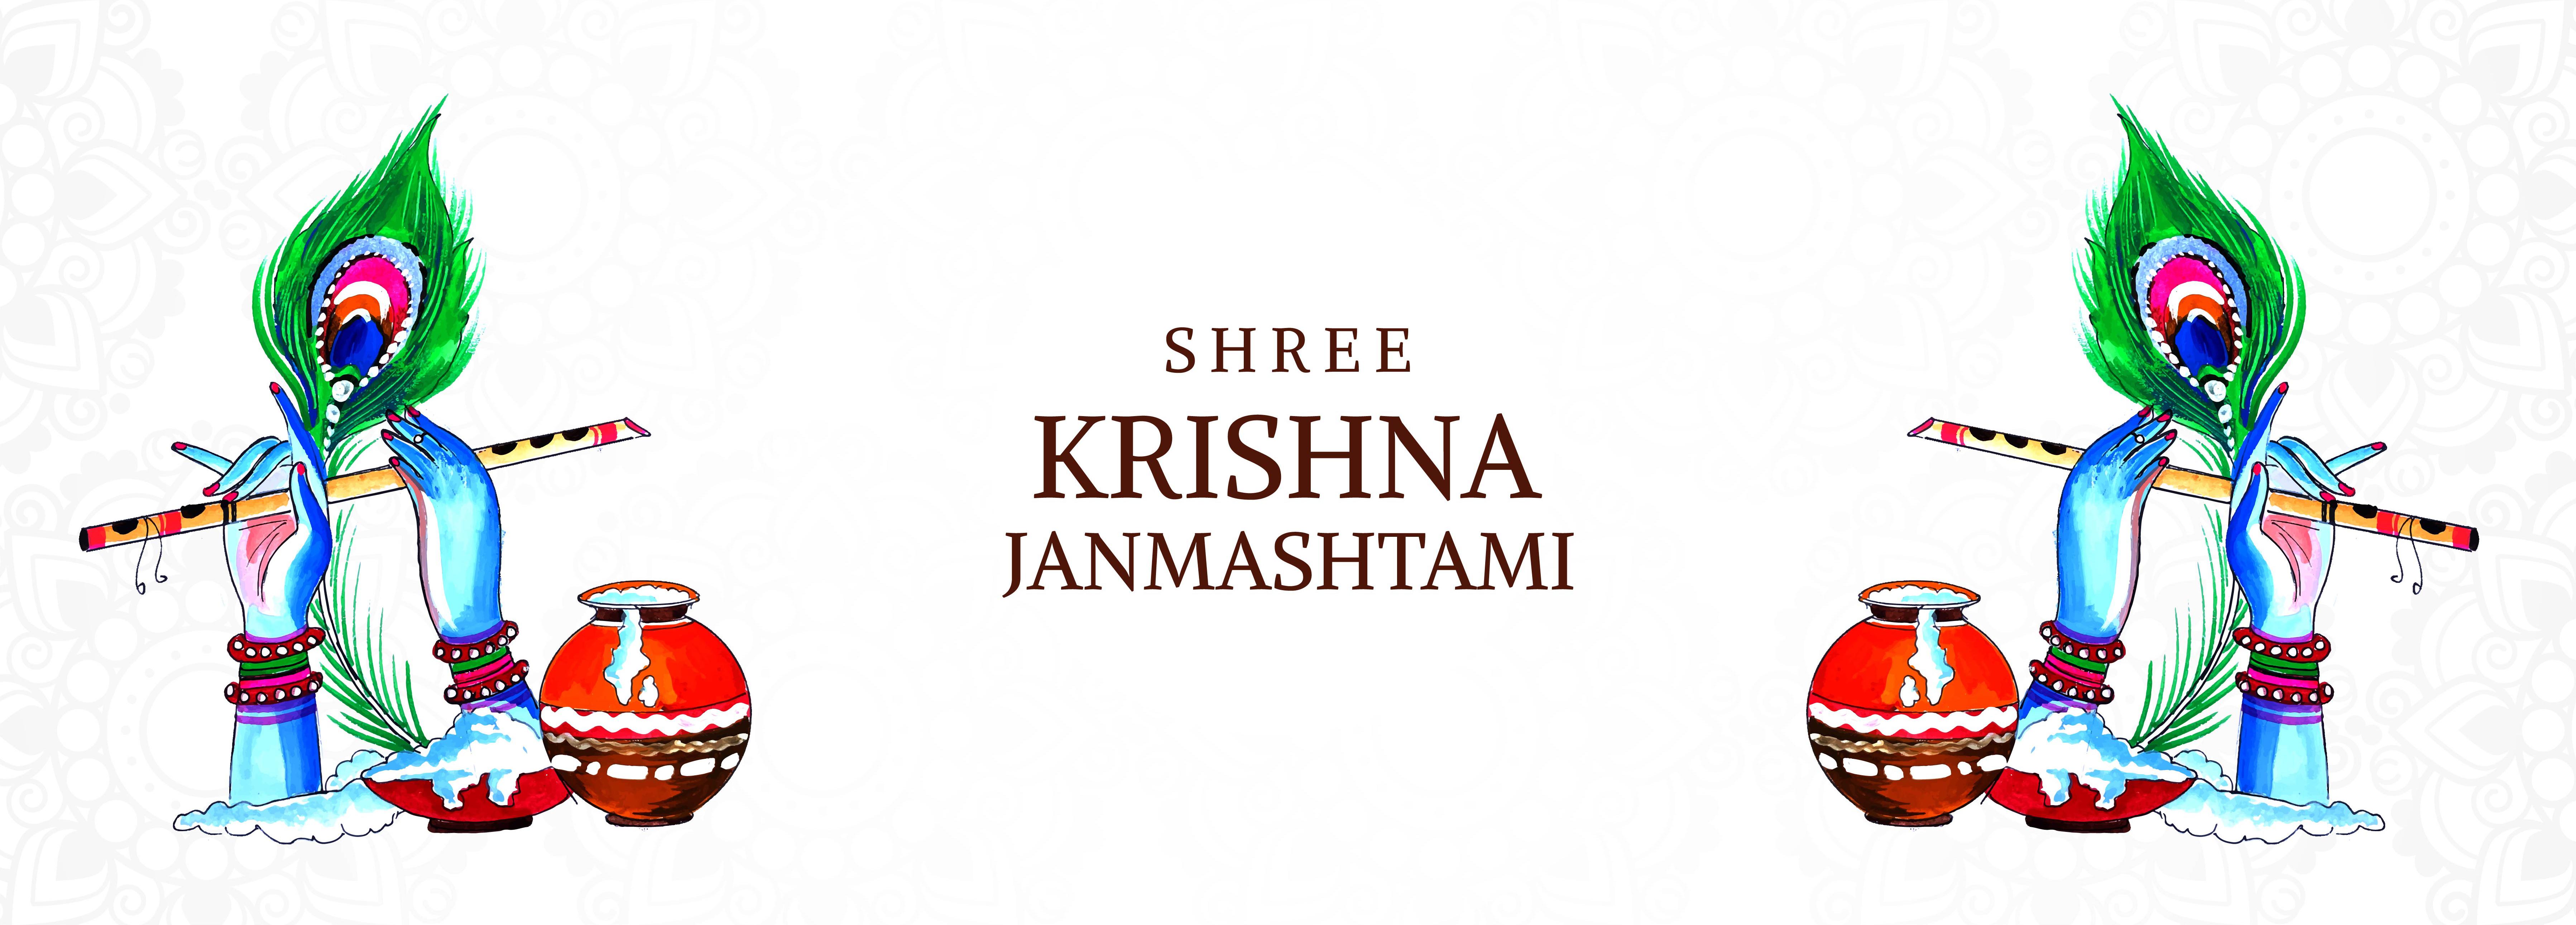 festival feliz krishna janmashtami manos y banner de flauta